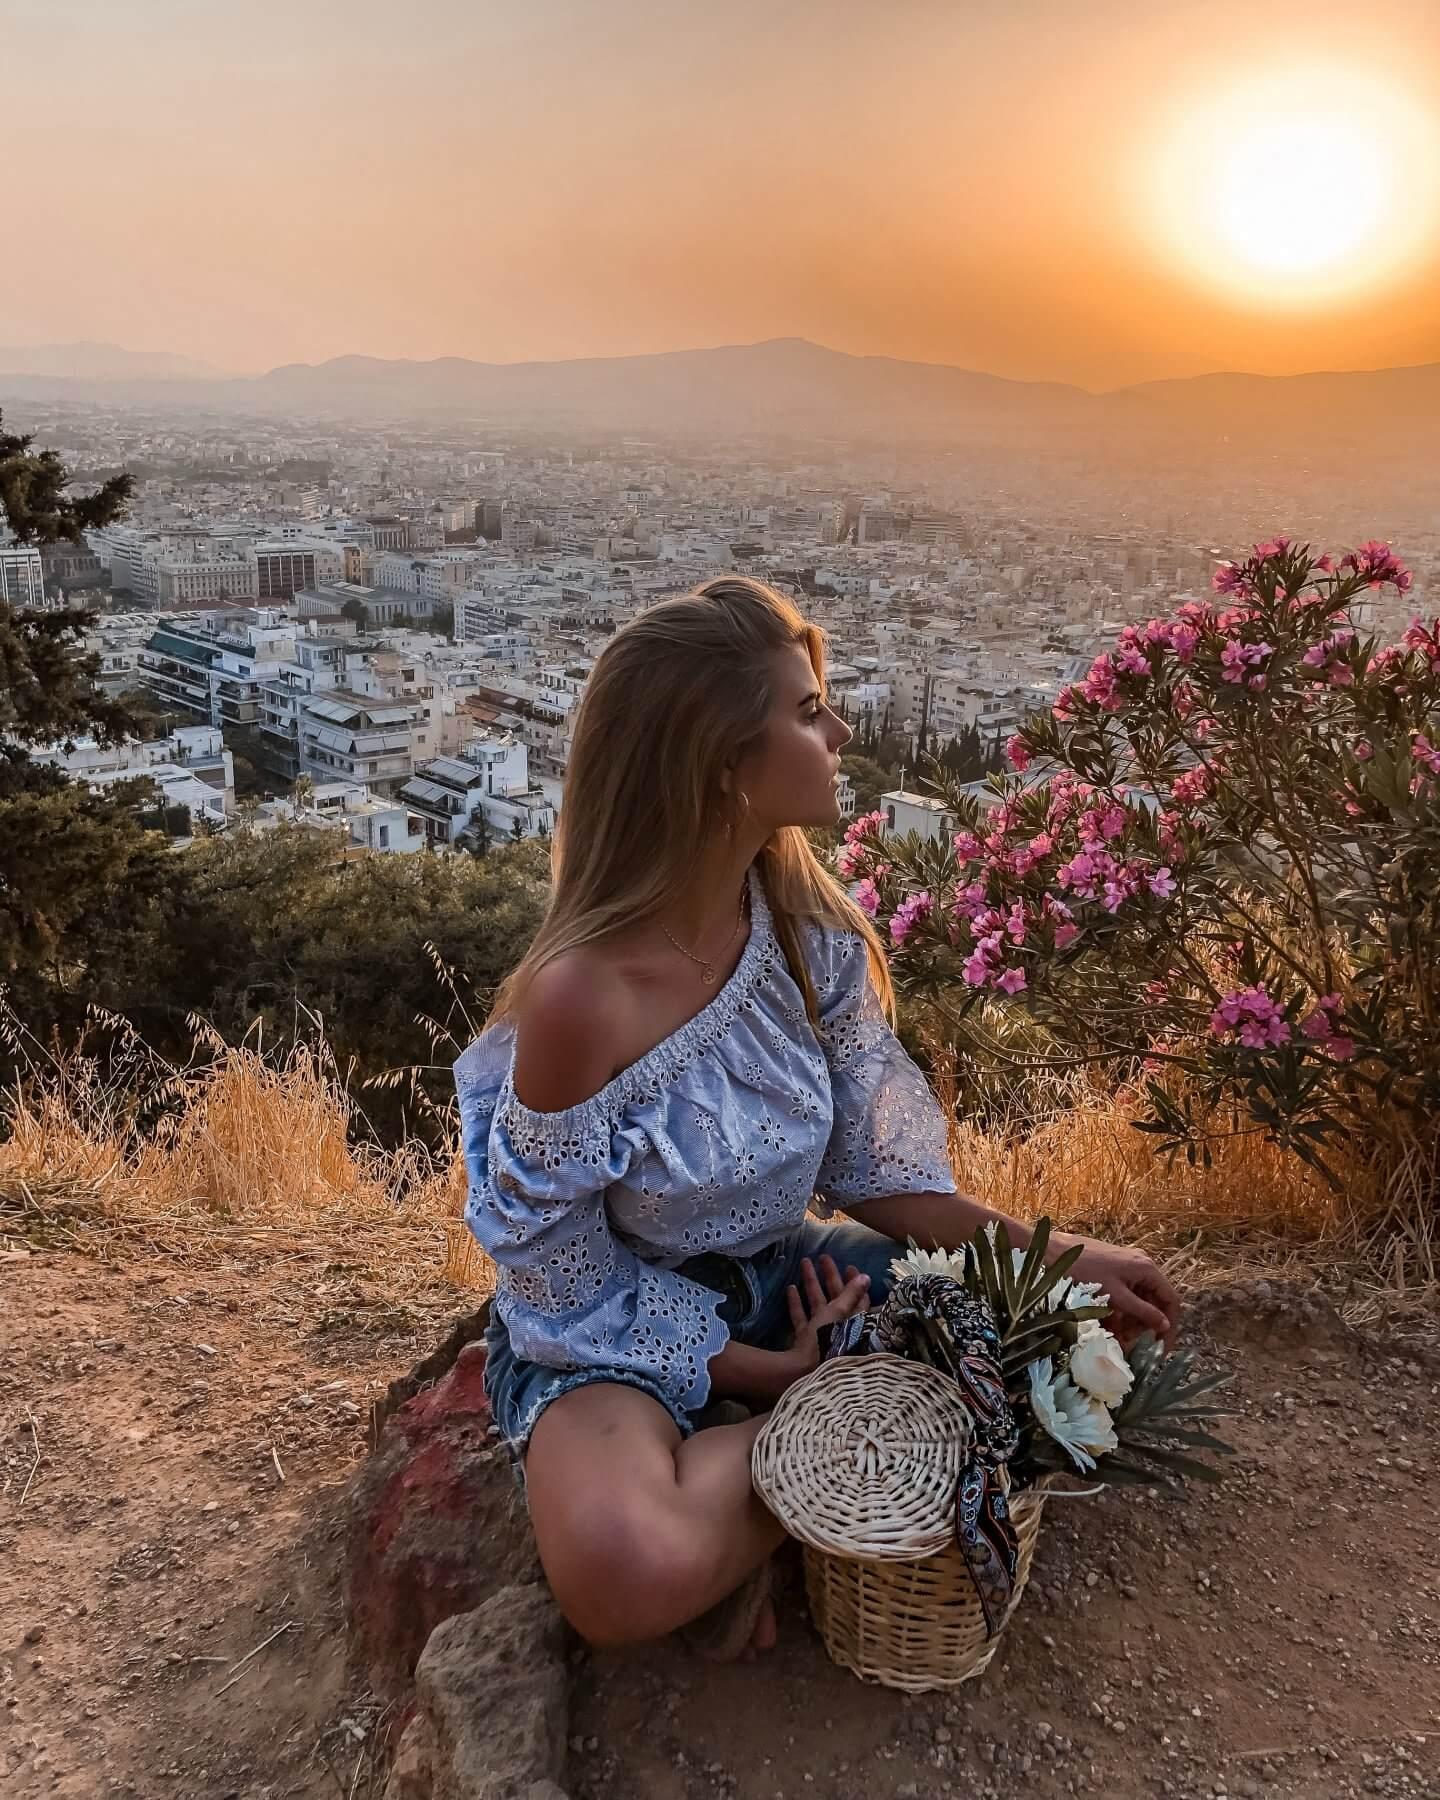 Athen Tipps, Urlaub, Travel Guide, 7